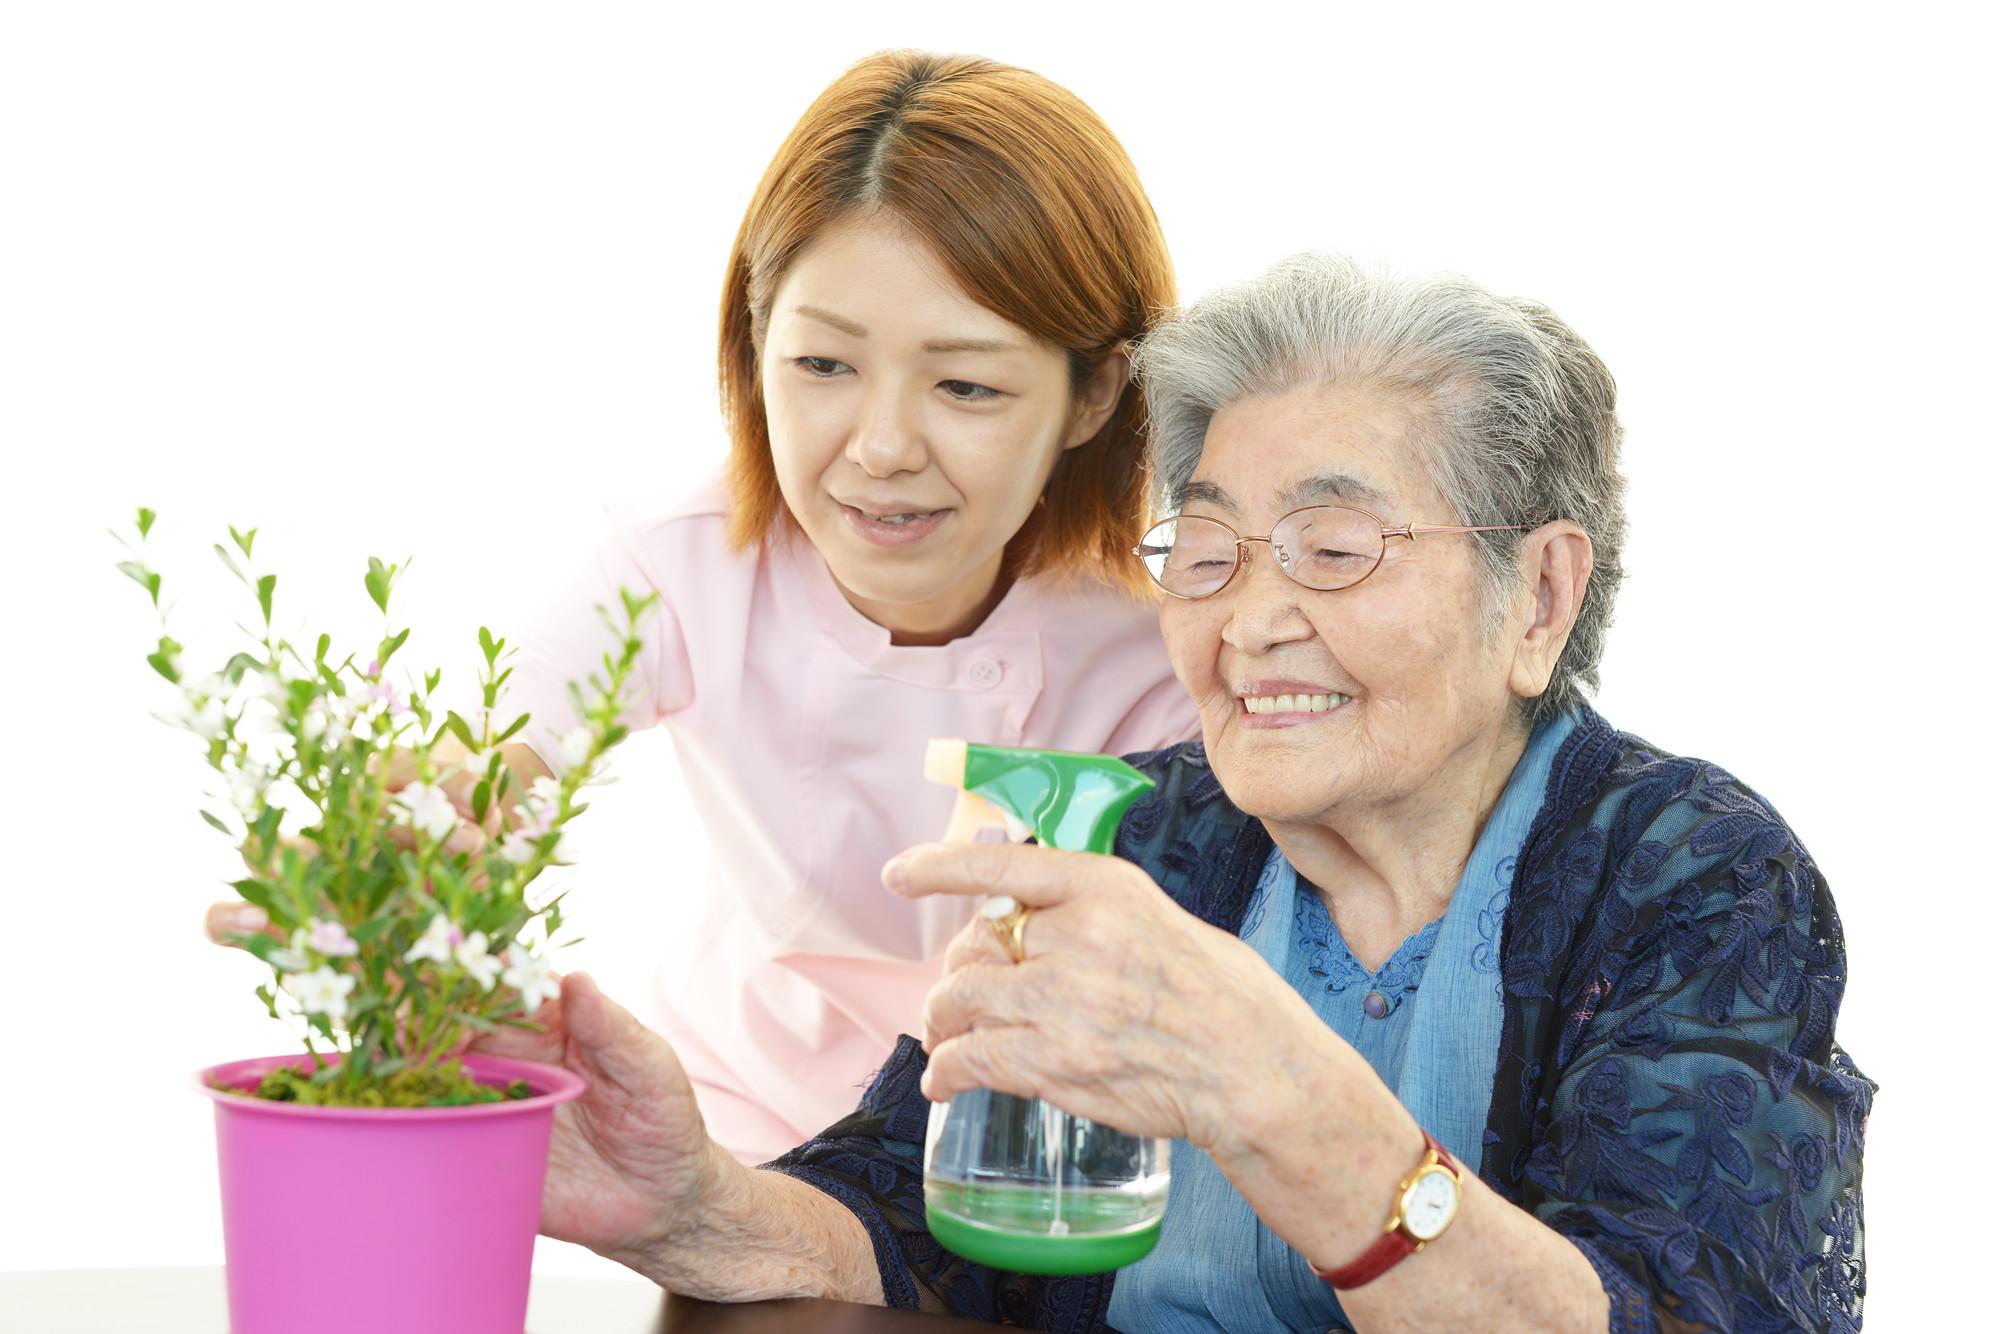 积极应对人口老龄化 国务院印发中长期规划提5项任务